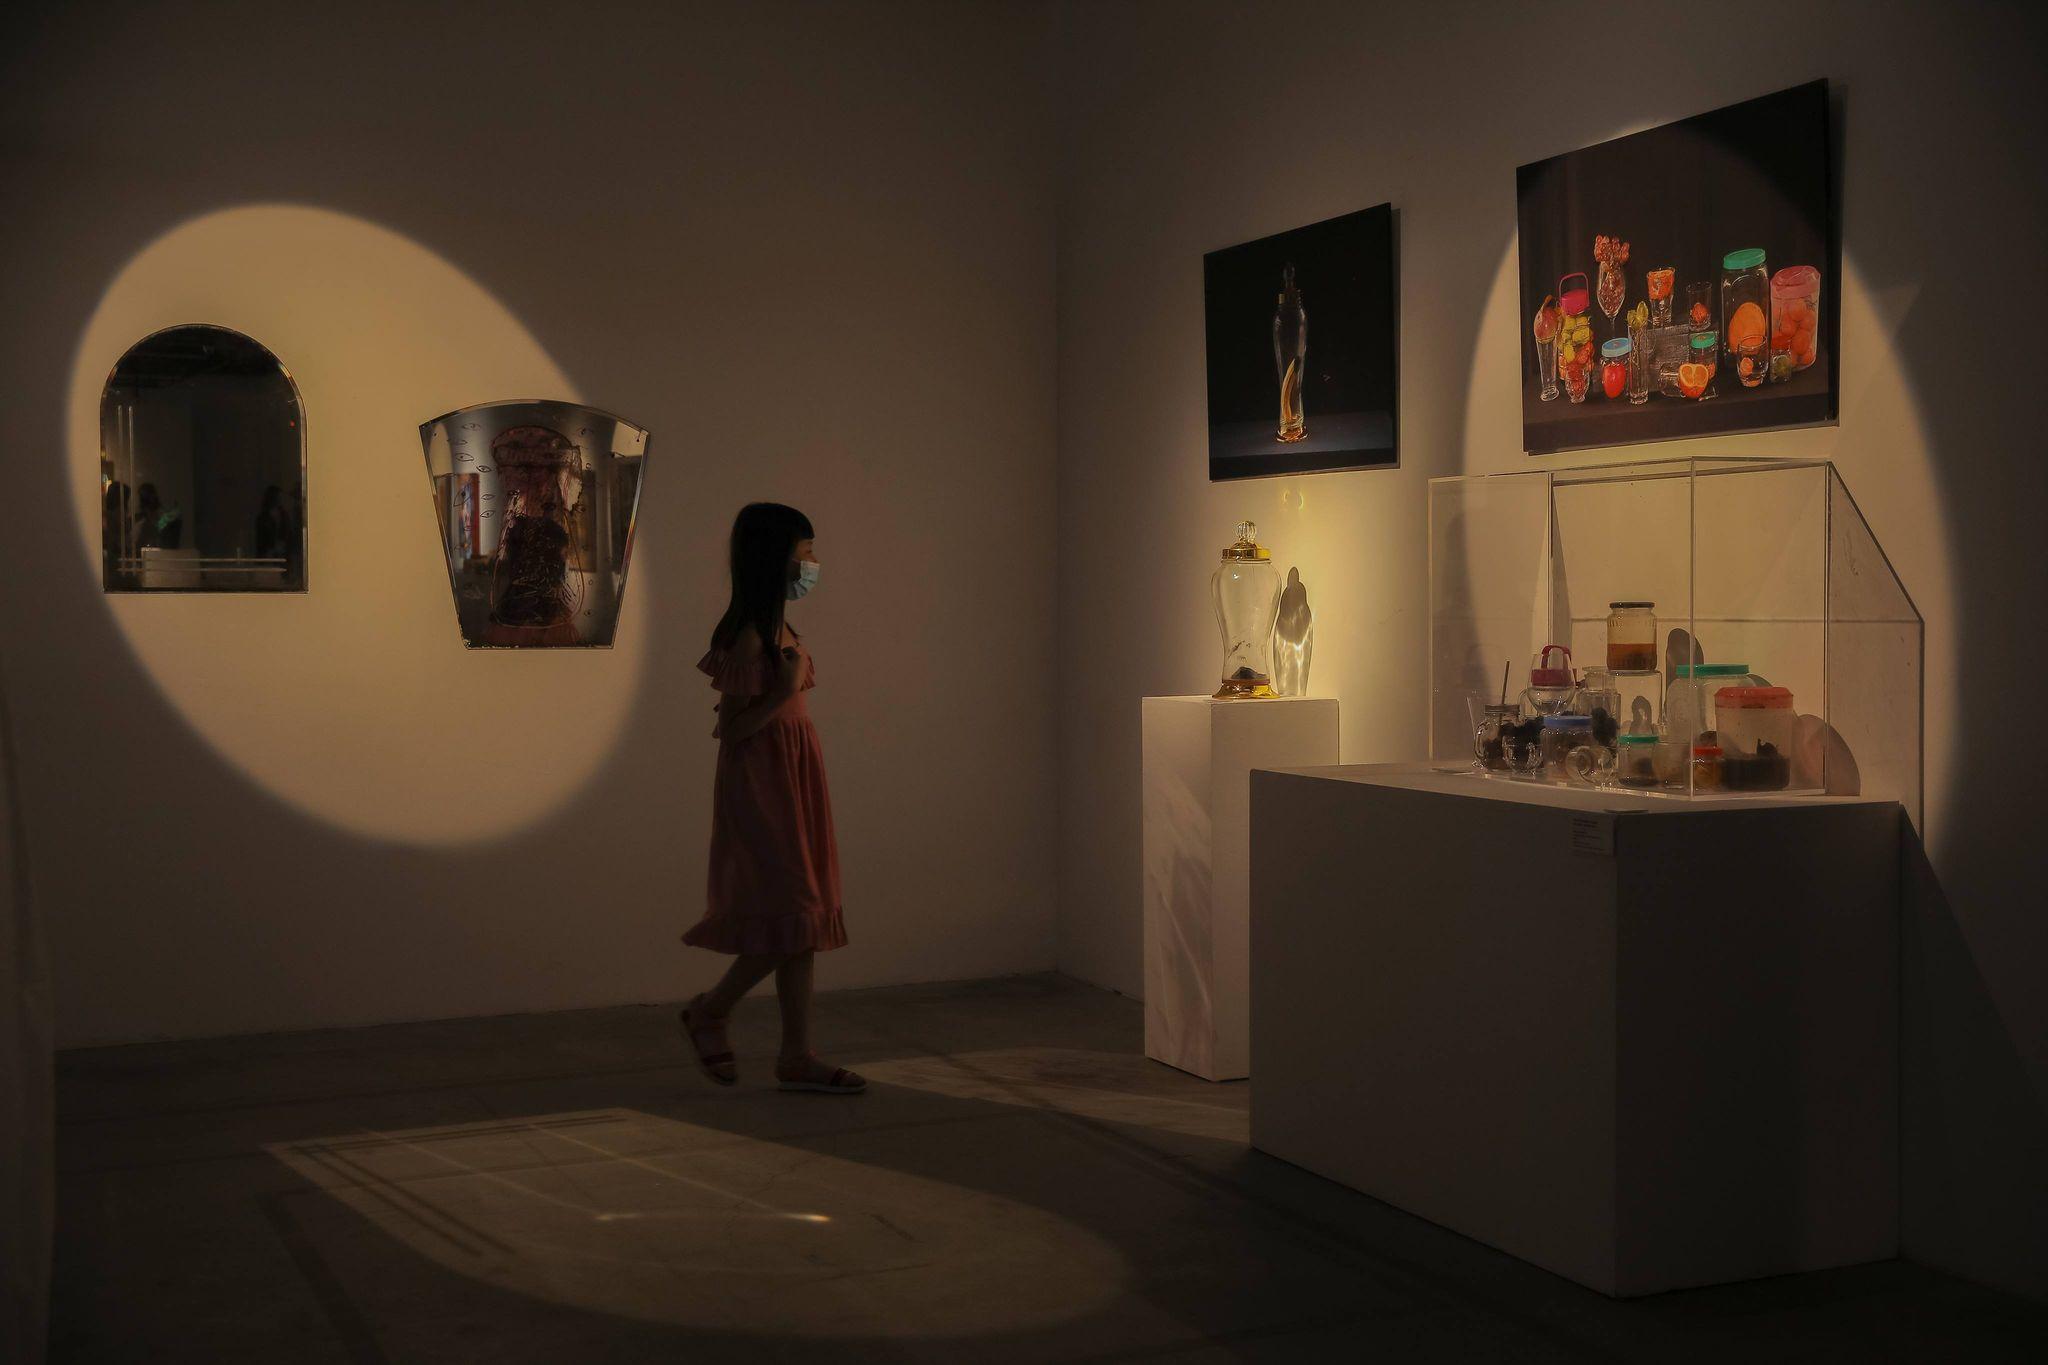 Triển lãm trưng bày đa dạng tác phẩm như điêu khắc, nhiếp ảnh...